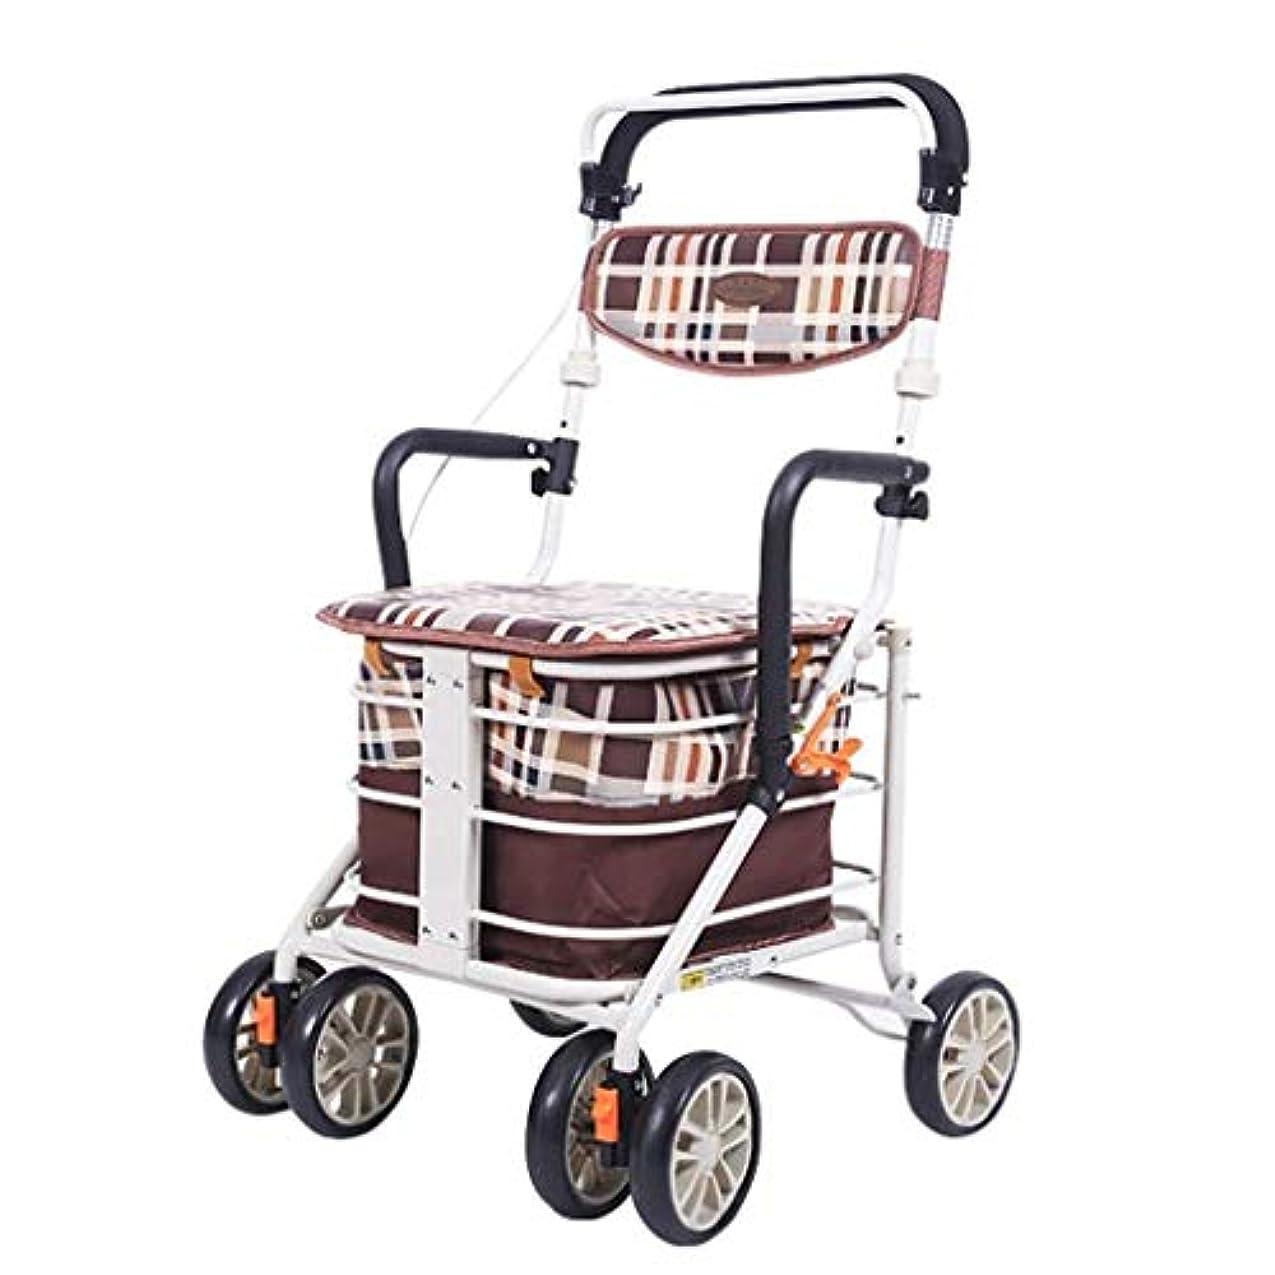 毛皮リーフレット耐久ハンドブレーキ高齢者歩行者が付いている軽量のアルミ合金の座席を折る多機能歩行者のトロリーショッピングカート